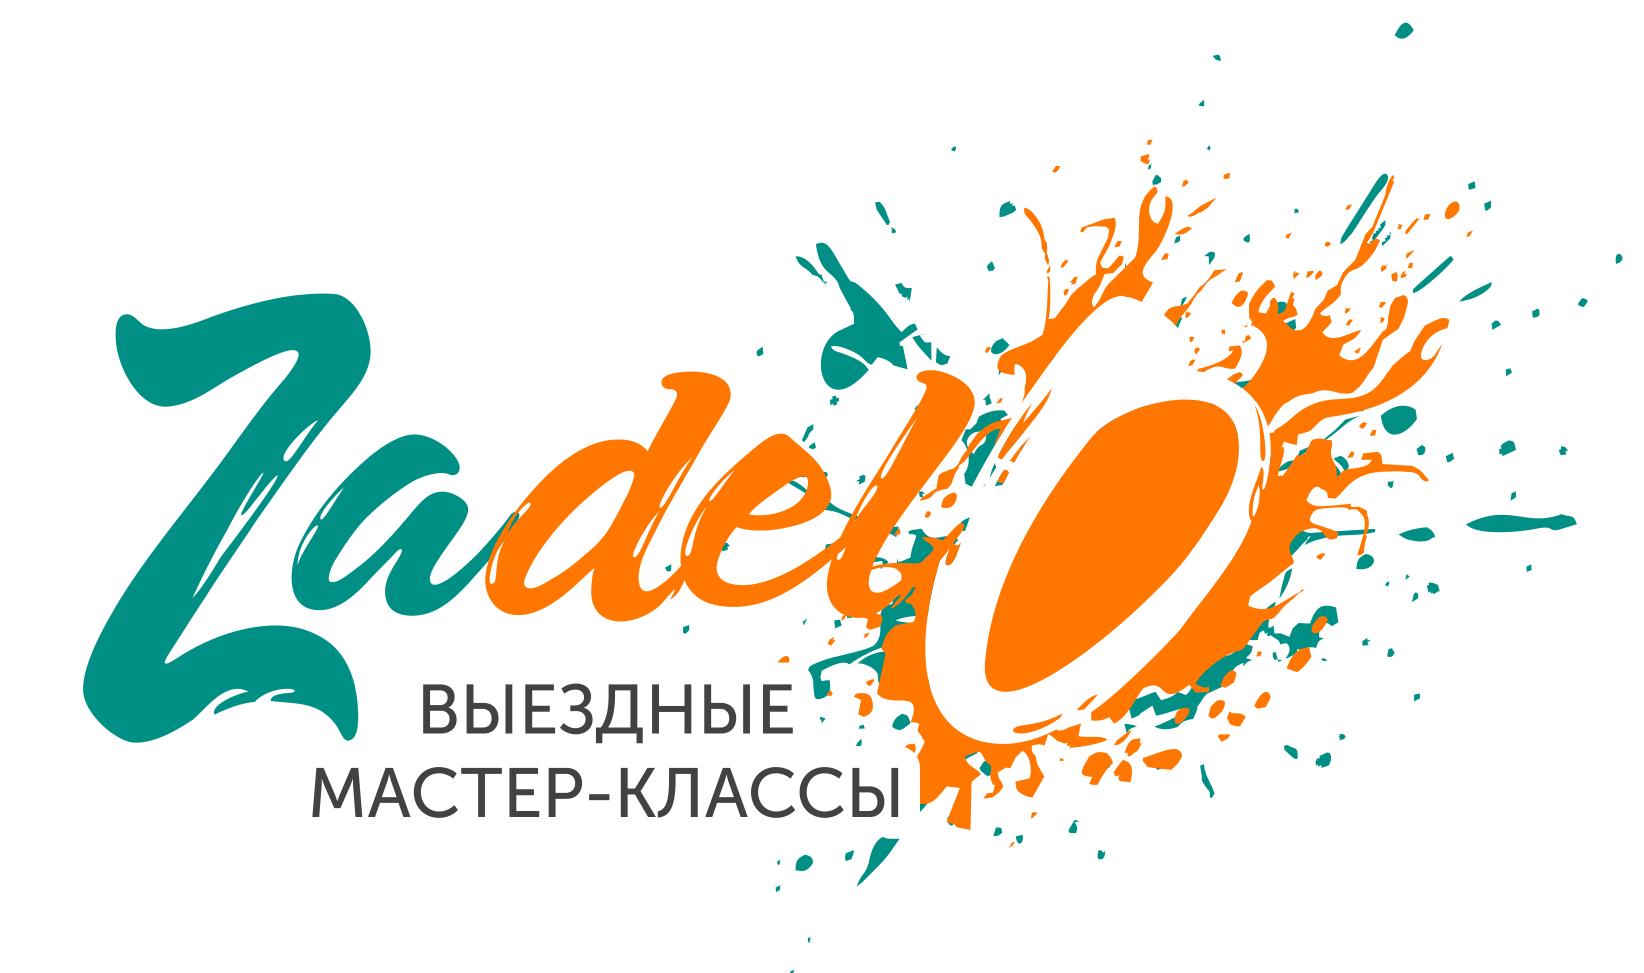 Мастер-классы на мероприятия в Санкт-Петербурге